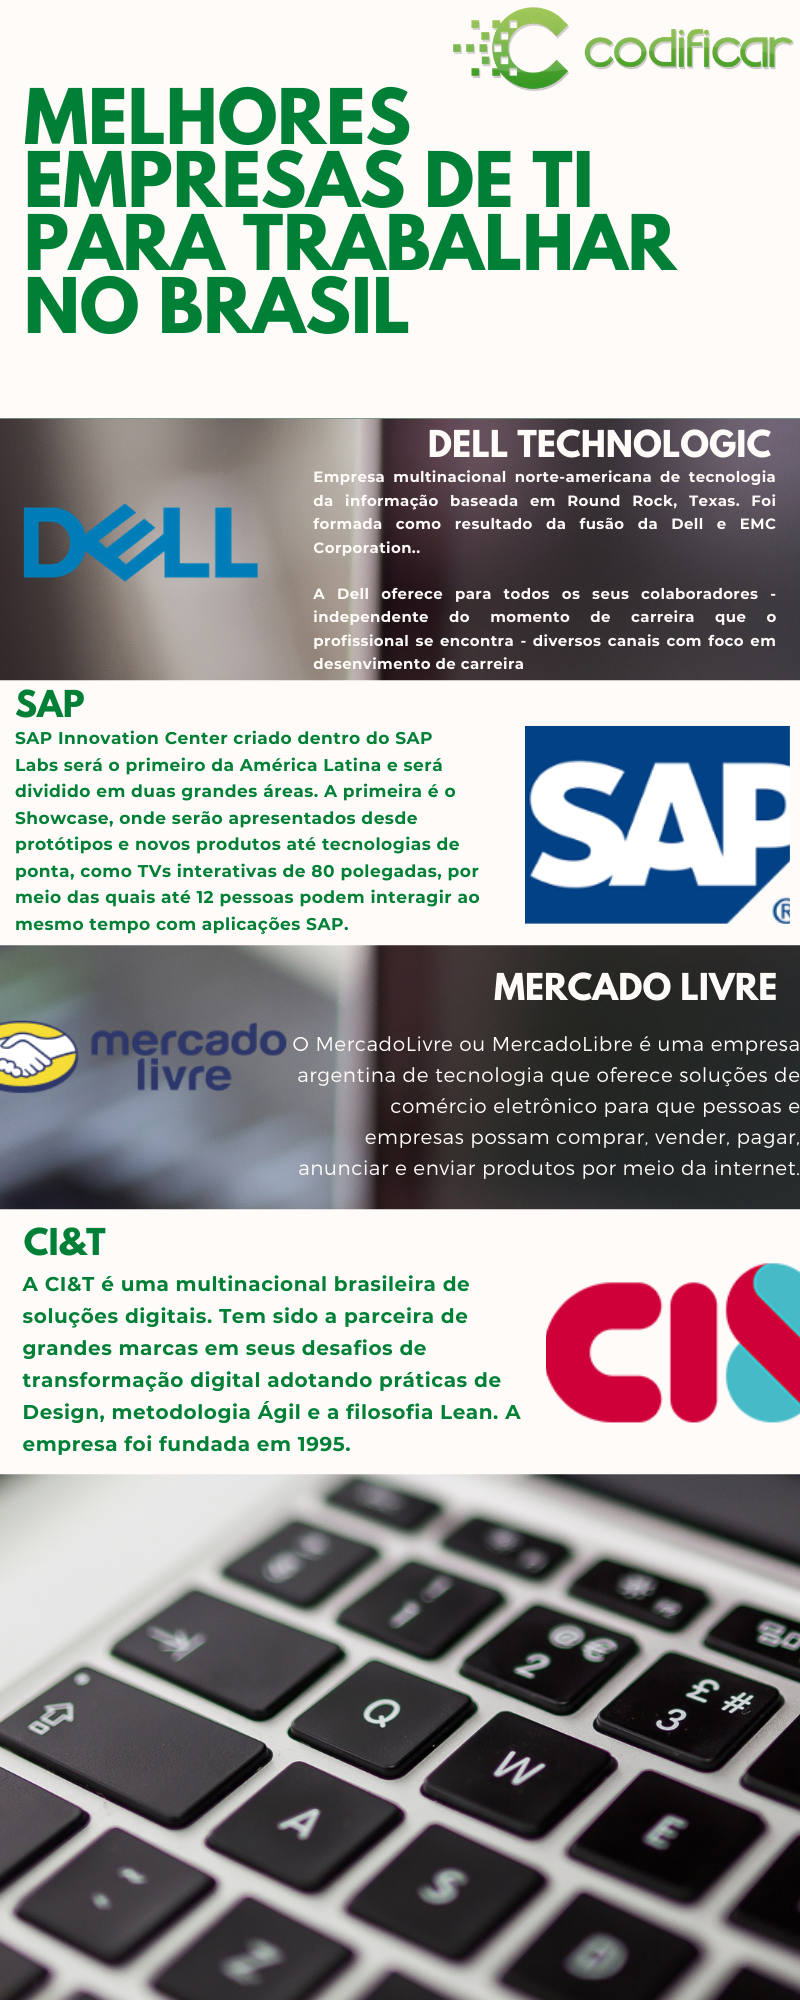 Empresa de Software